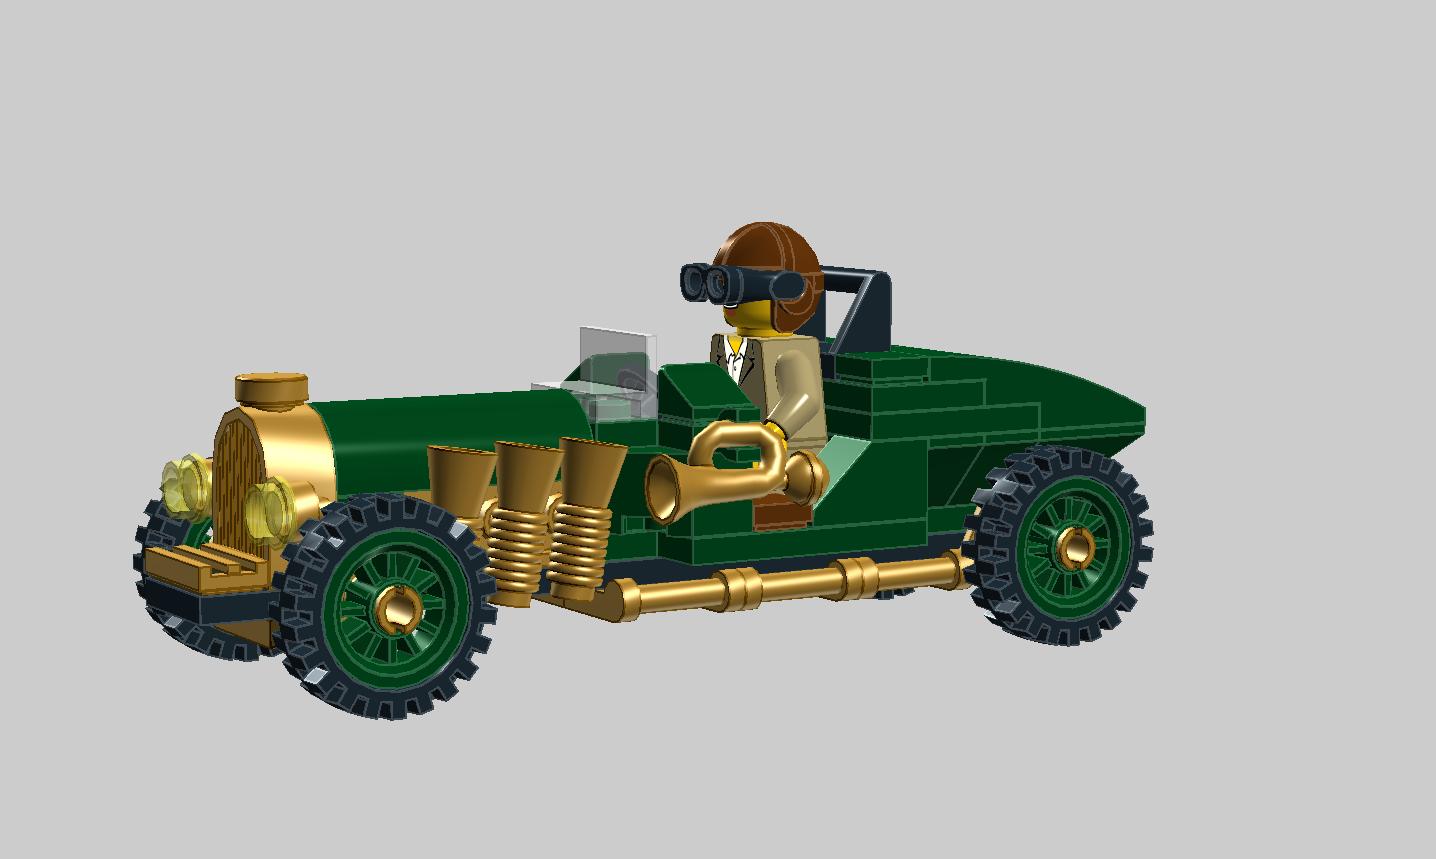 Classic Race Car Classic race cars, Race cars, Cool lego